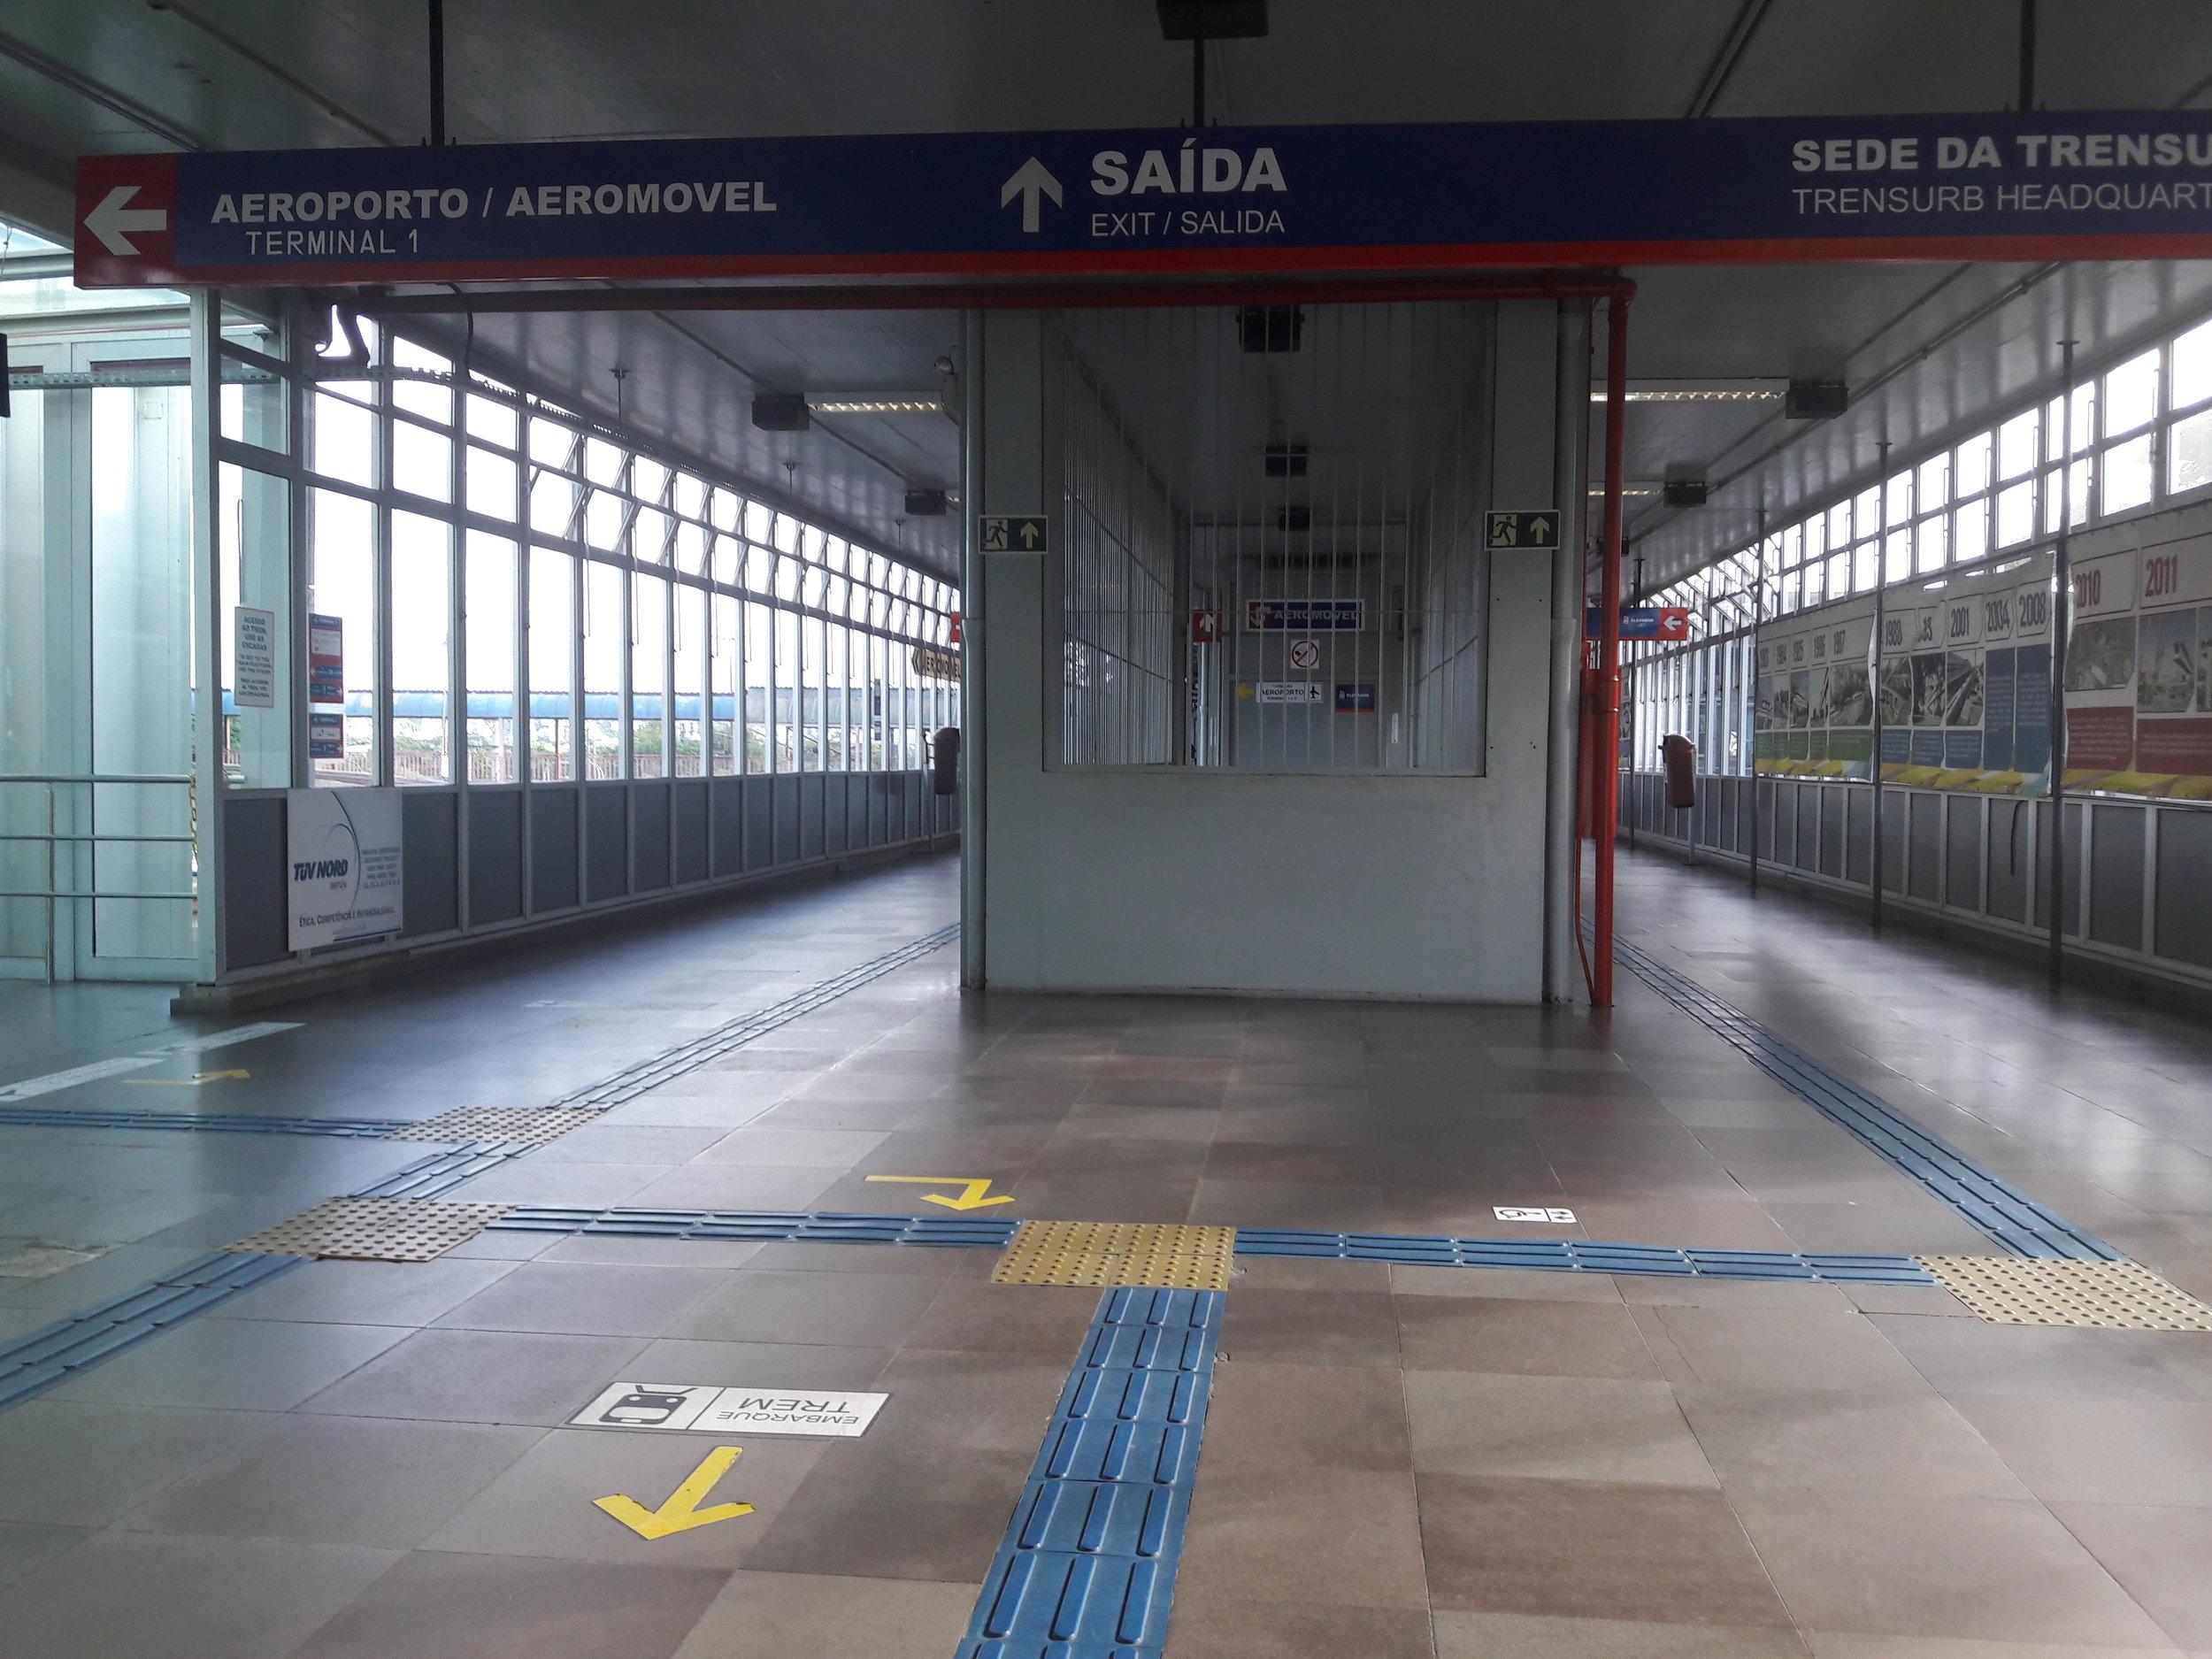 Po zdolání schodiště může člověk pokračovat rovně a vyjít z metra přes turnikety, po kterých se odbočuje vlevo na lávku, která vede k jednomu z parkovišť před letištěm. Nebo je možné po zdolání schodiště zahnout doleva a projít skleněnými dveřmi ke stanici aeromóvelu.